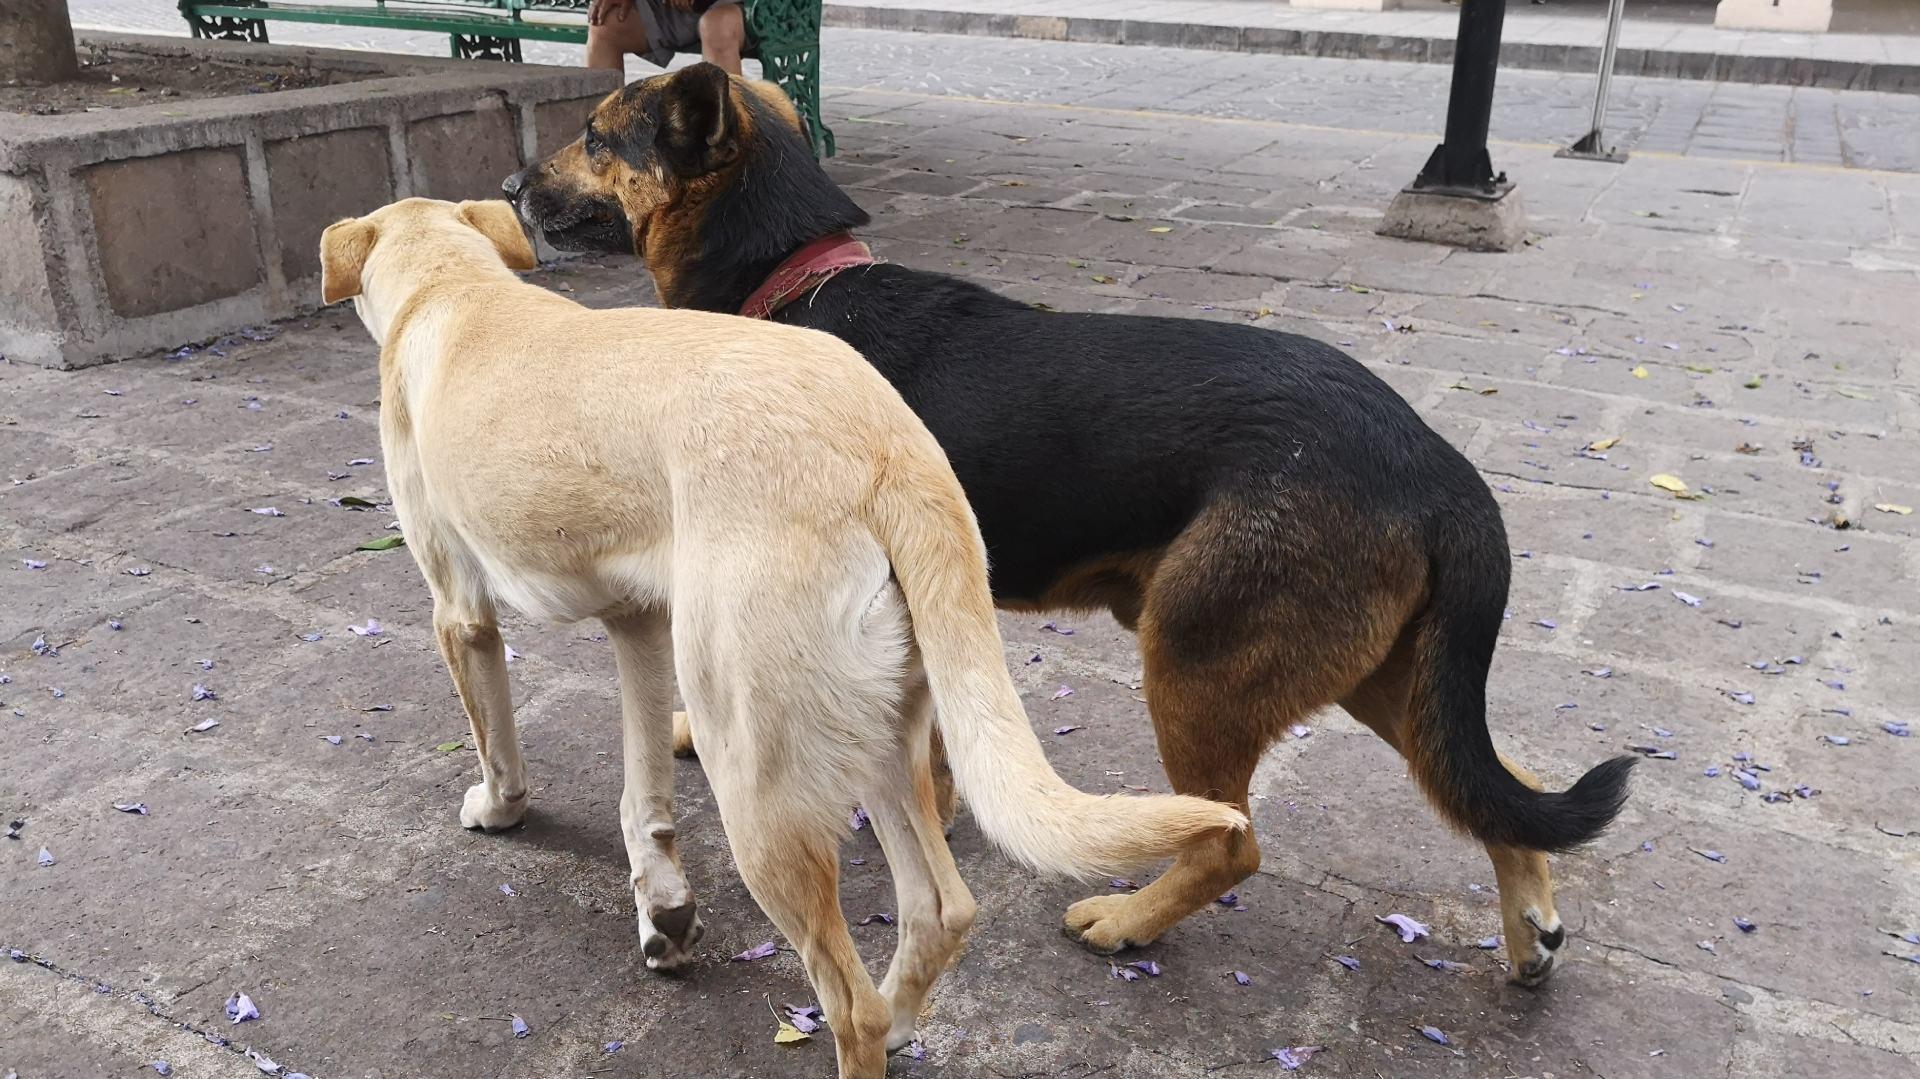 prince_julio_cesar_venezuela_miss_earth_northern_marianas_el_documental_sobre_la_sexualidad_de_un_perro_que_se_volvio_viral_en_las_redes_sociales.jpg